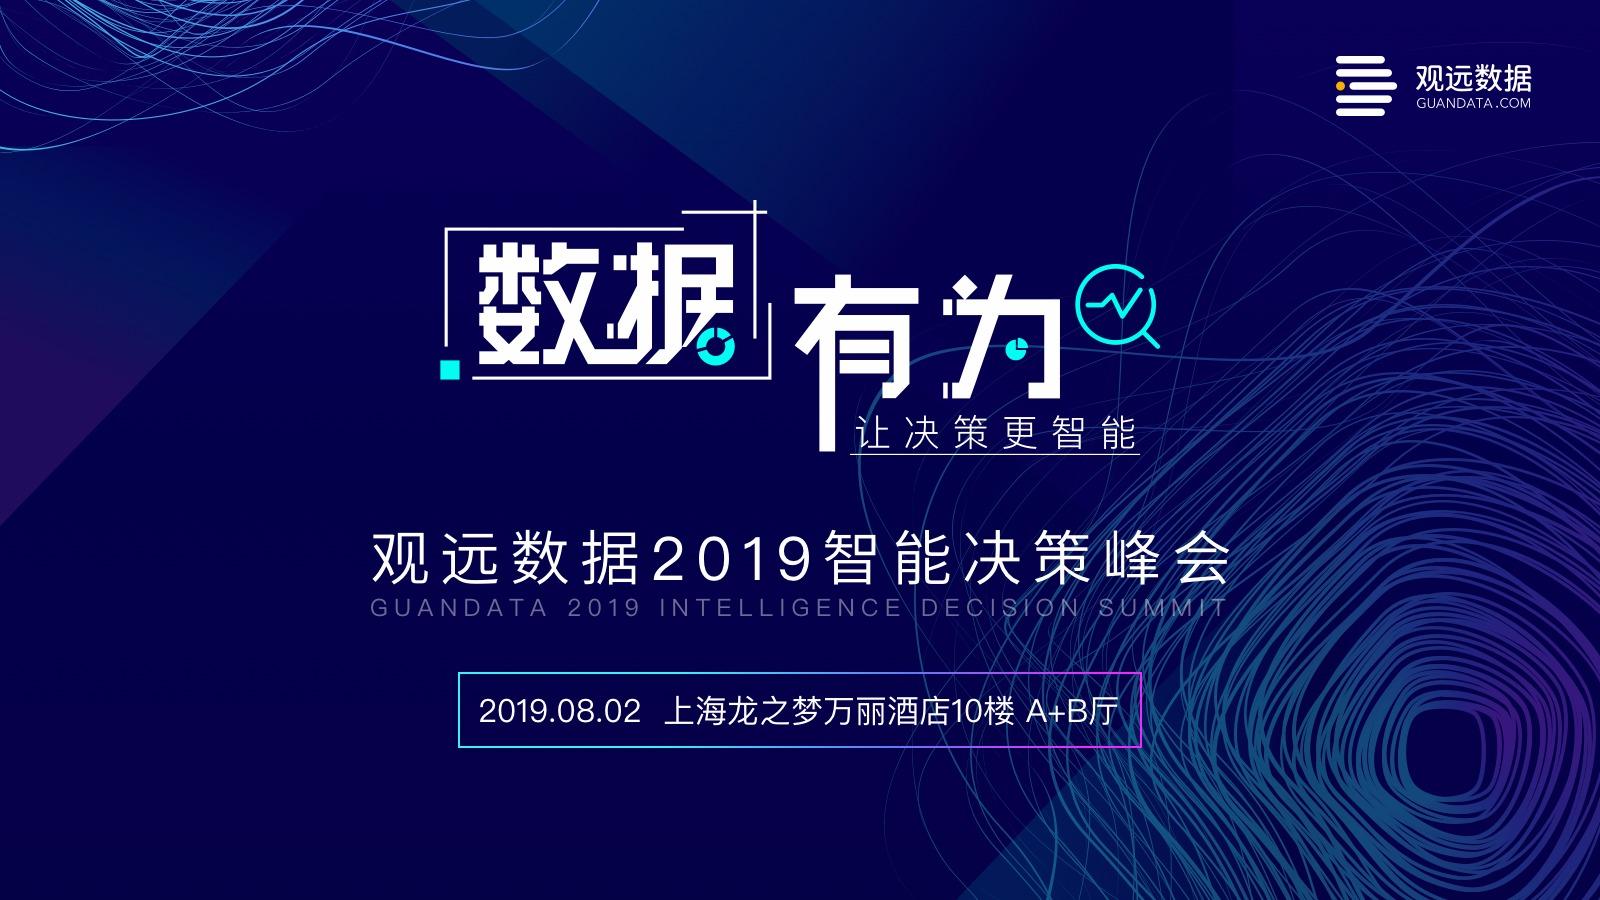 数据有为——2019智能决策峰会